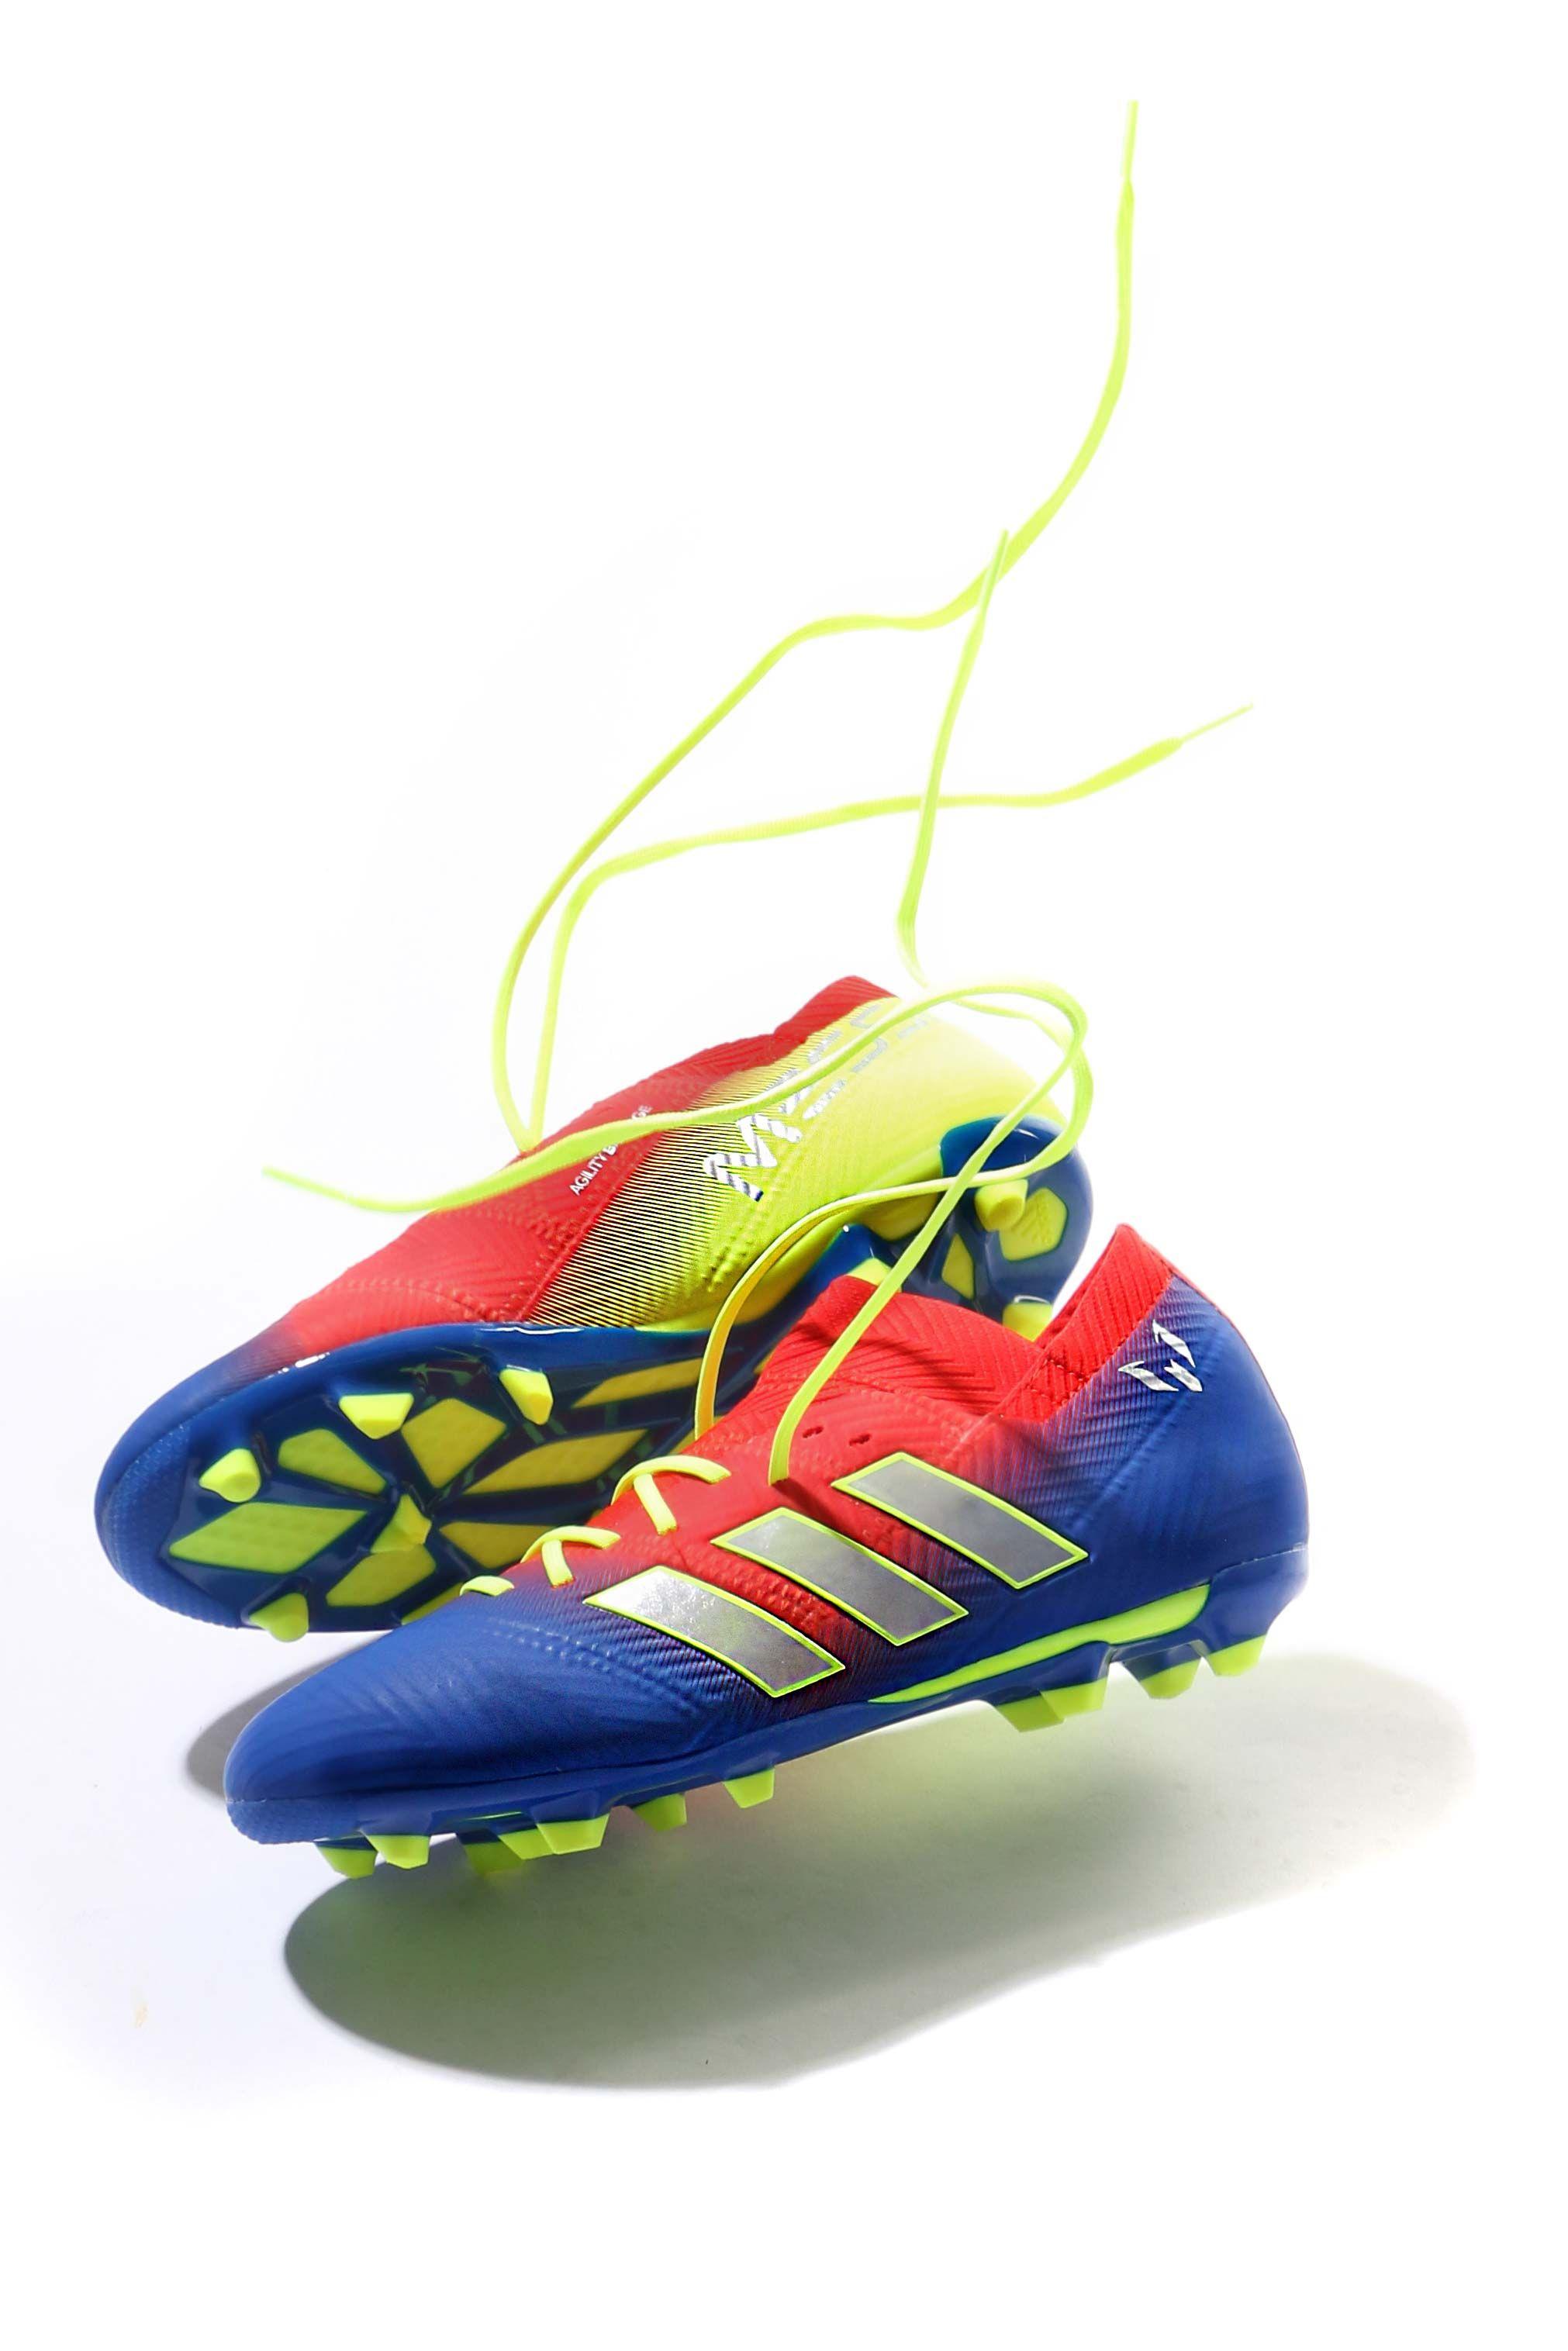 líder Gran Barrera de Coral reinado  Botas adidas Messi | Zapatillas de messi, Botas de futbol, Futbol infantil